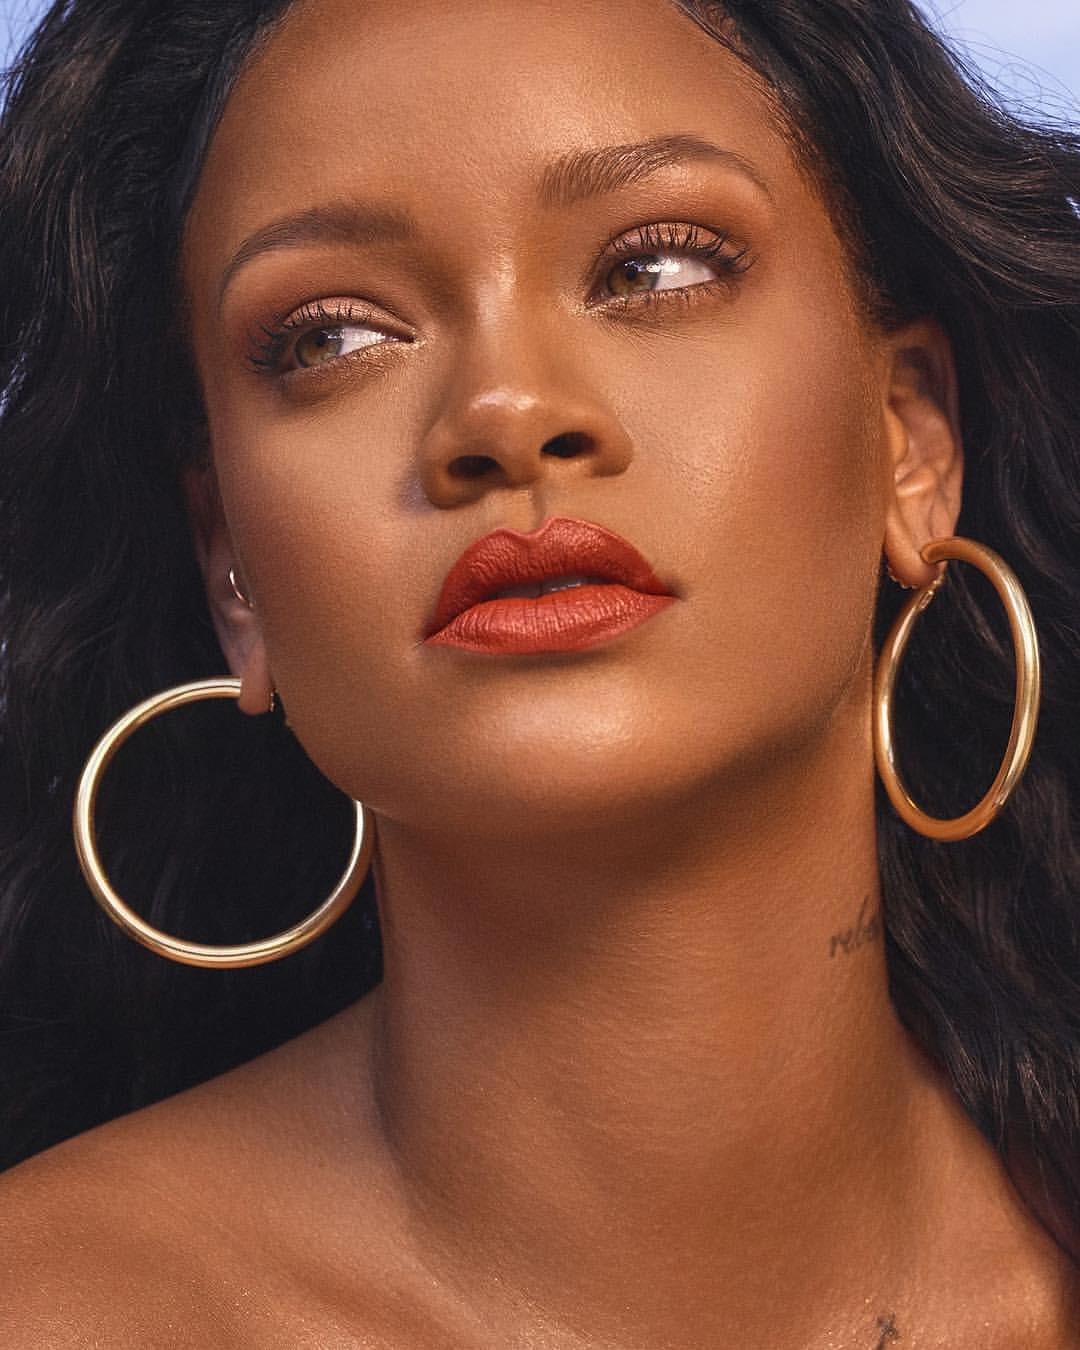 See RIHANNA Model The New Fenty Beauty Lip Line